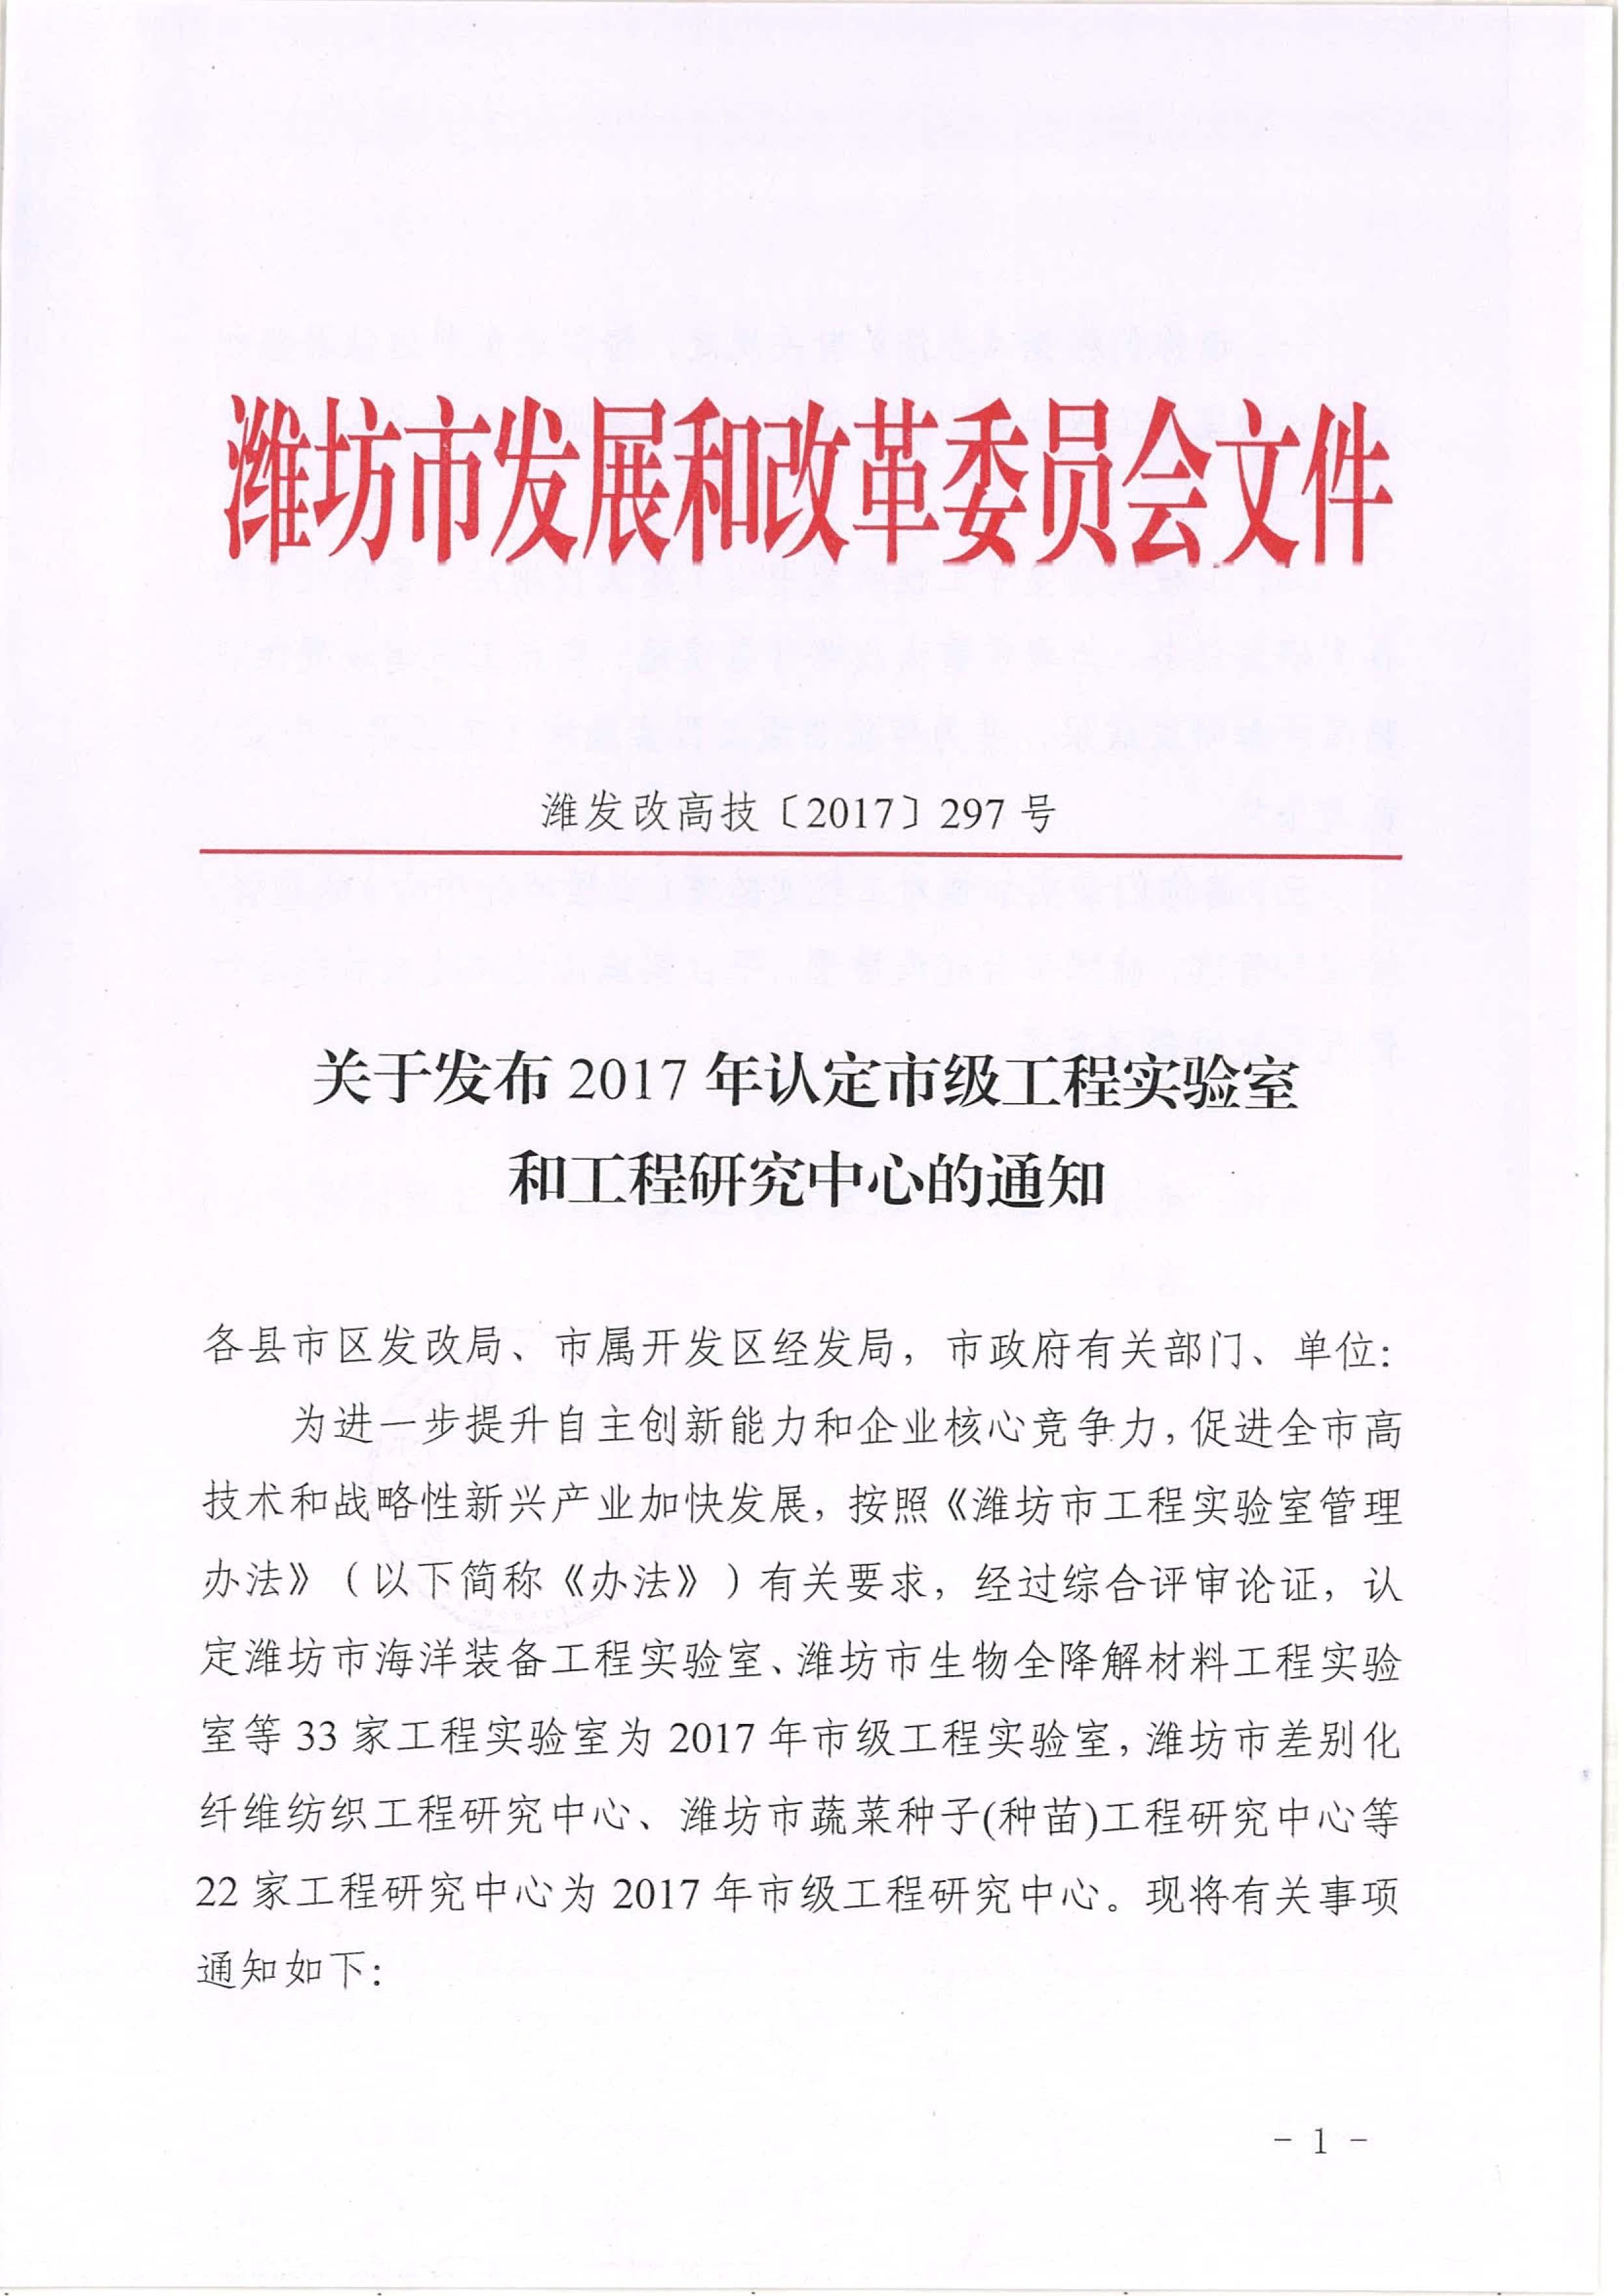 鲁鑫防水研发中心被潍坊市发改委认定为2017年度潍坊市高